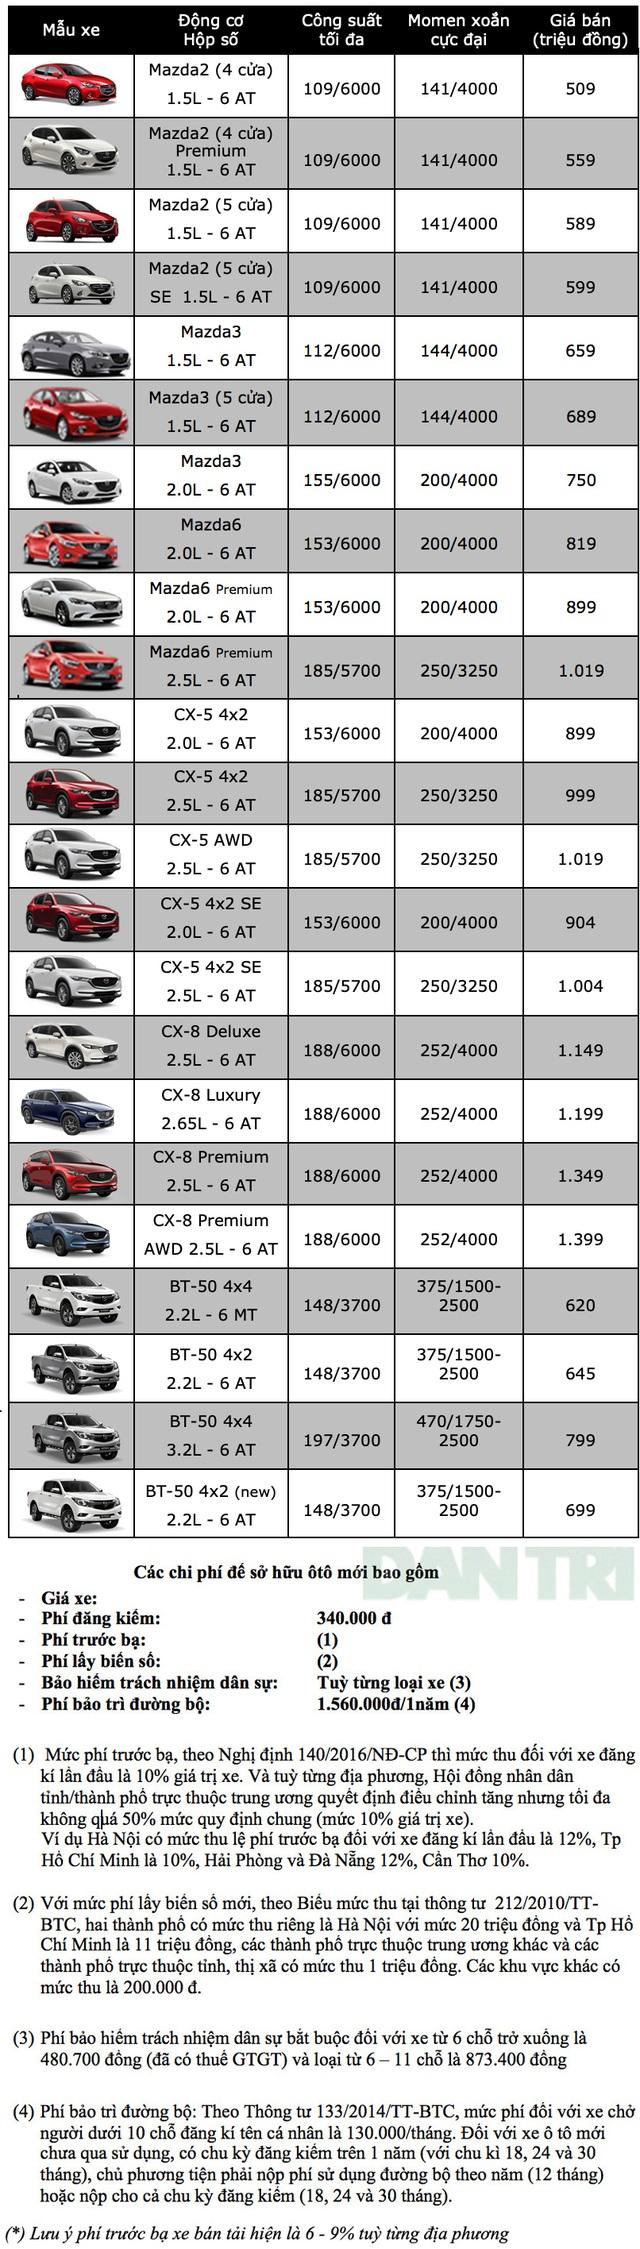 Bảng giá Mazda tại Việt Nam cập nhật tháng 7/2019 - 2